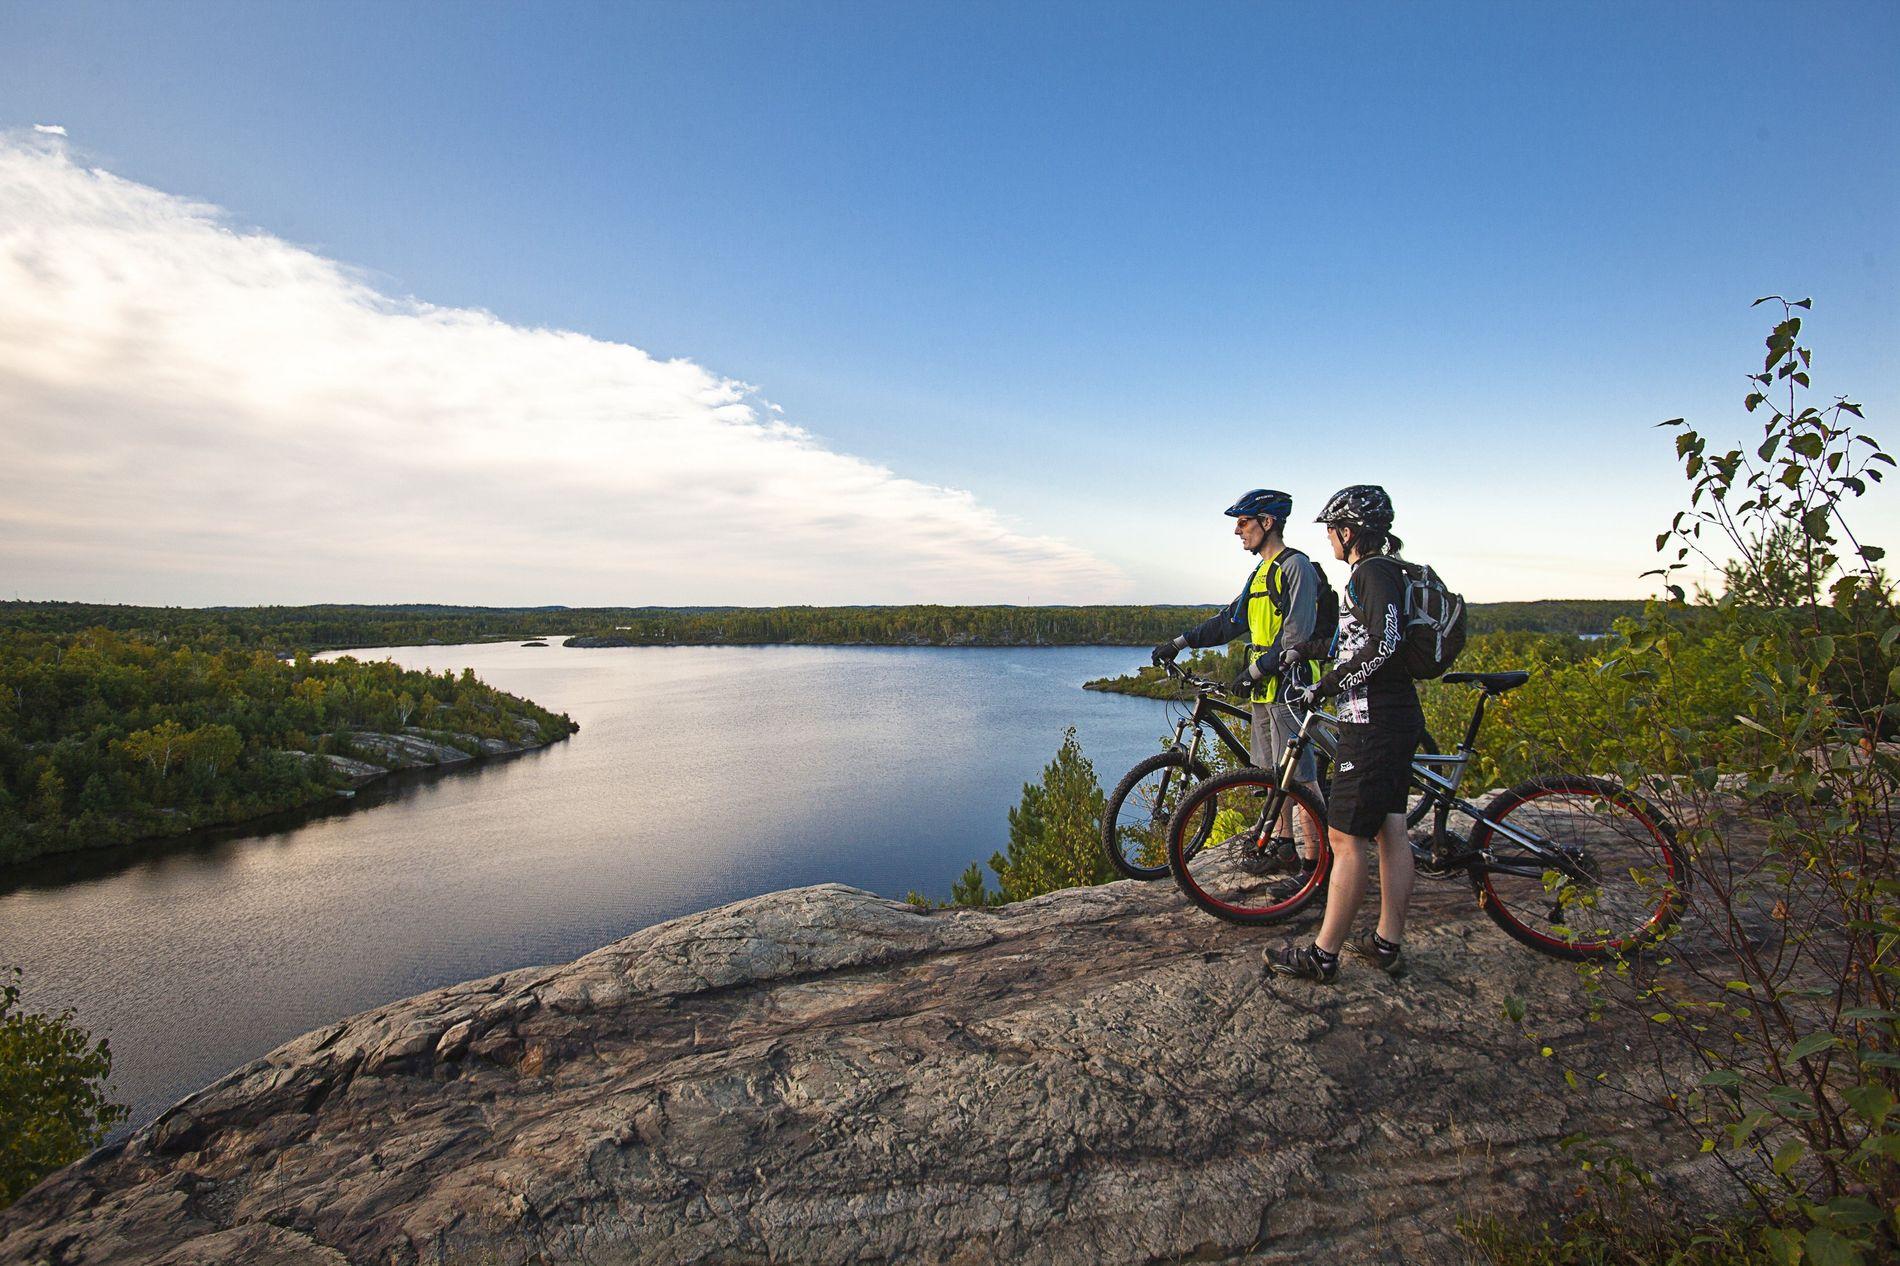 Einige der besten Fahrradrouten Ontarios befinden sich im nördlichen Teil der Provinz. Dort warten Wasserwege, Felslandschaften ...